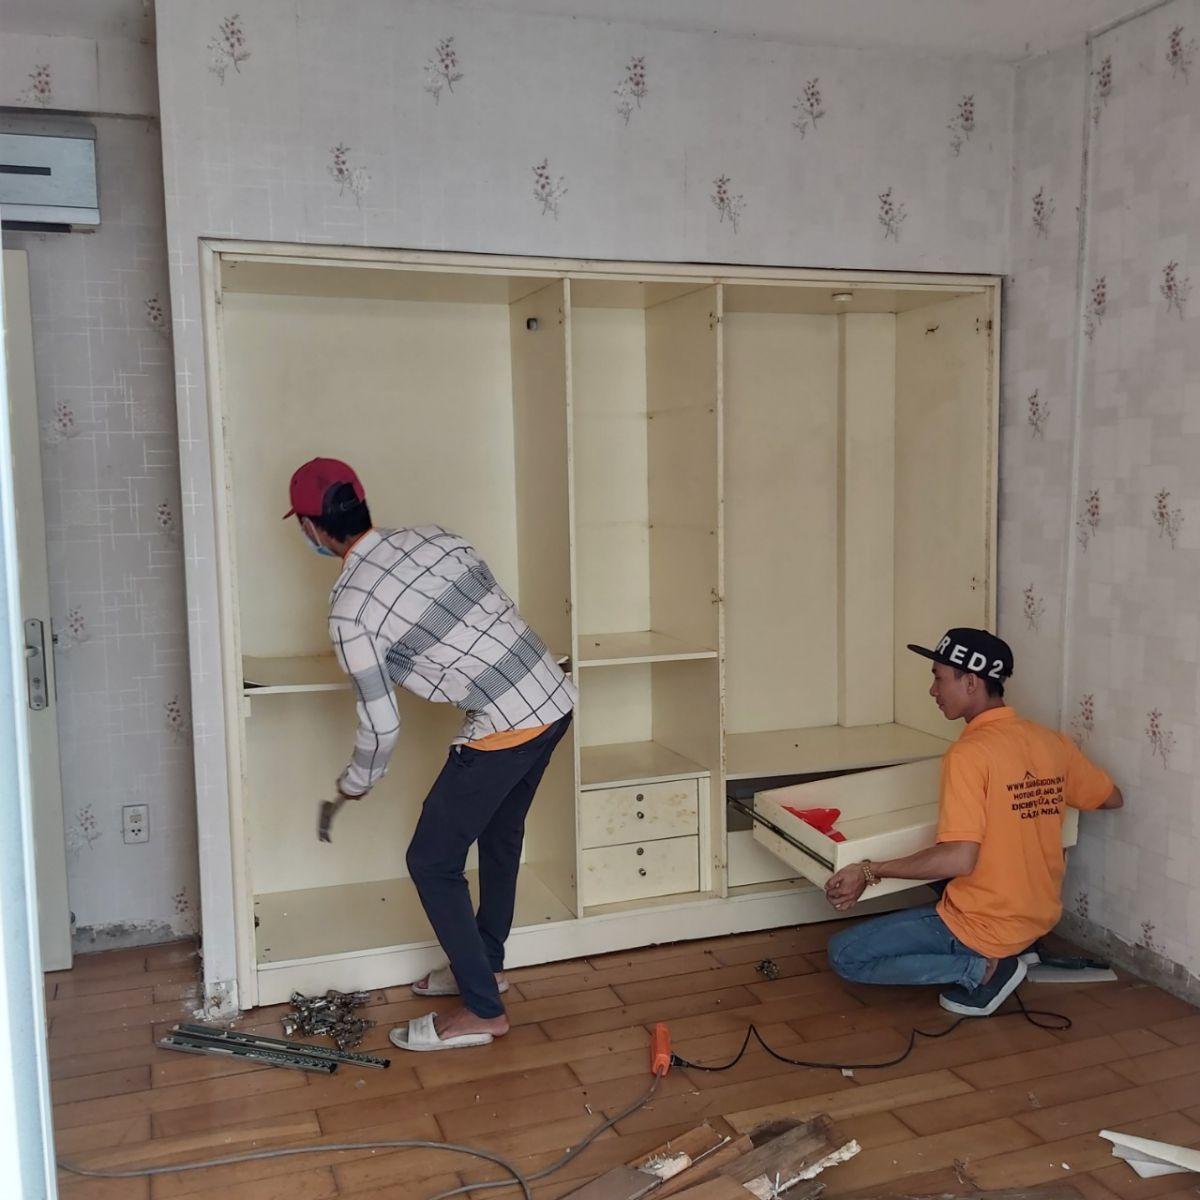 Tiến hành sơn sửa thay mới nội thất